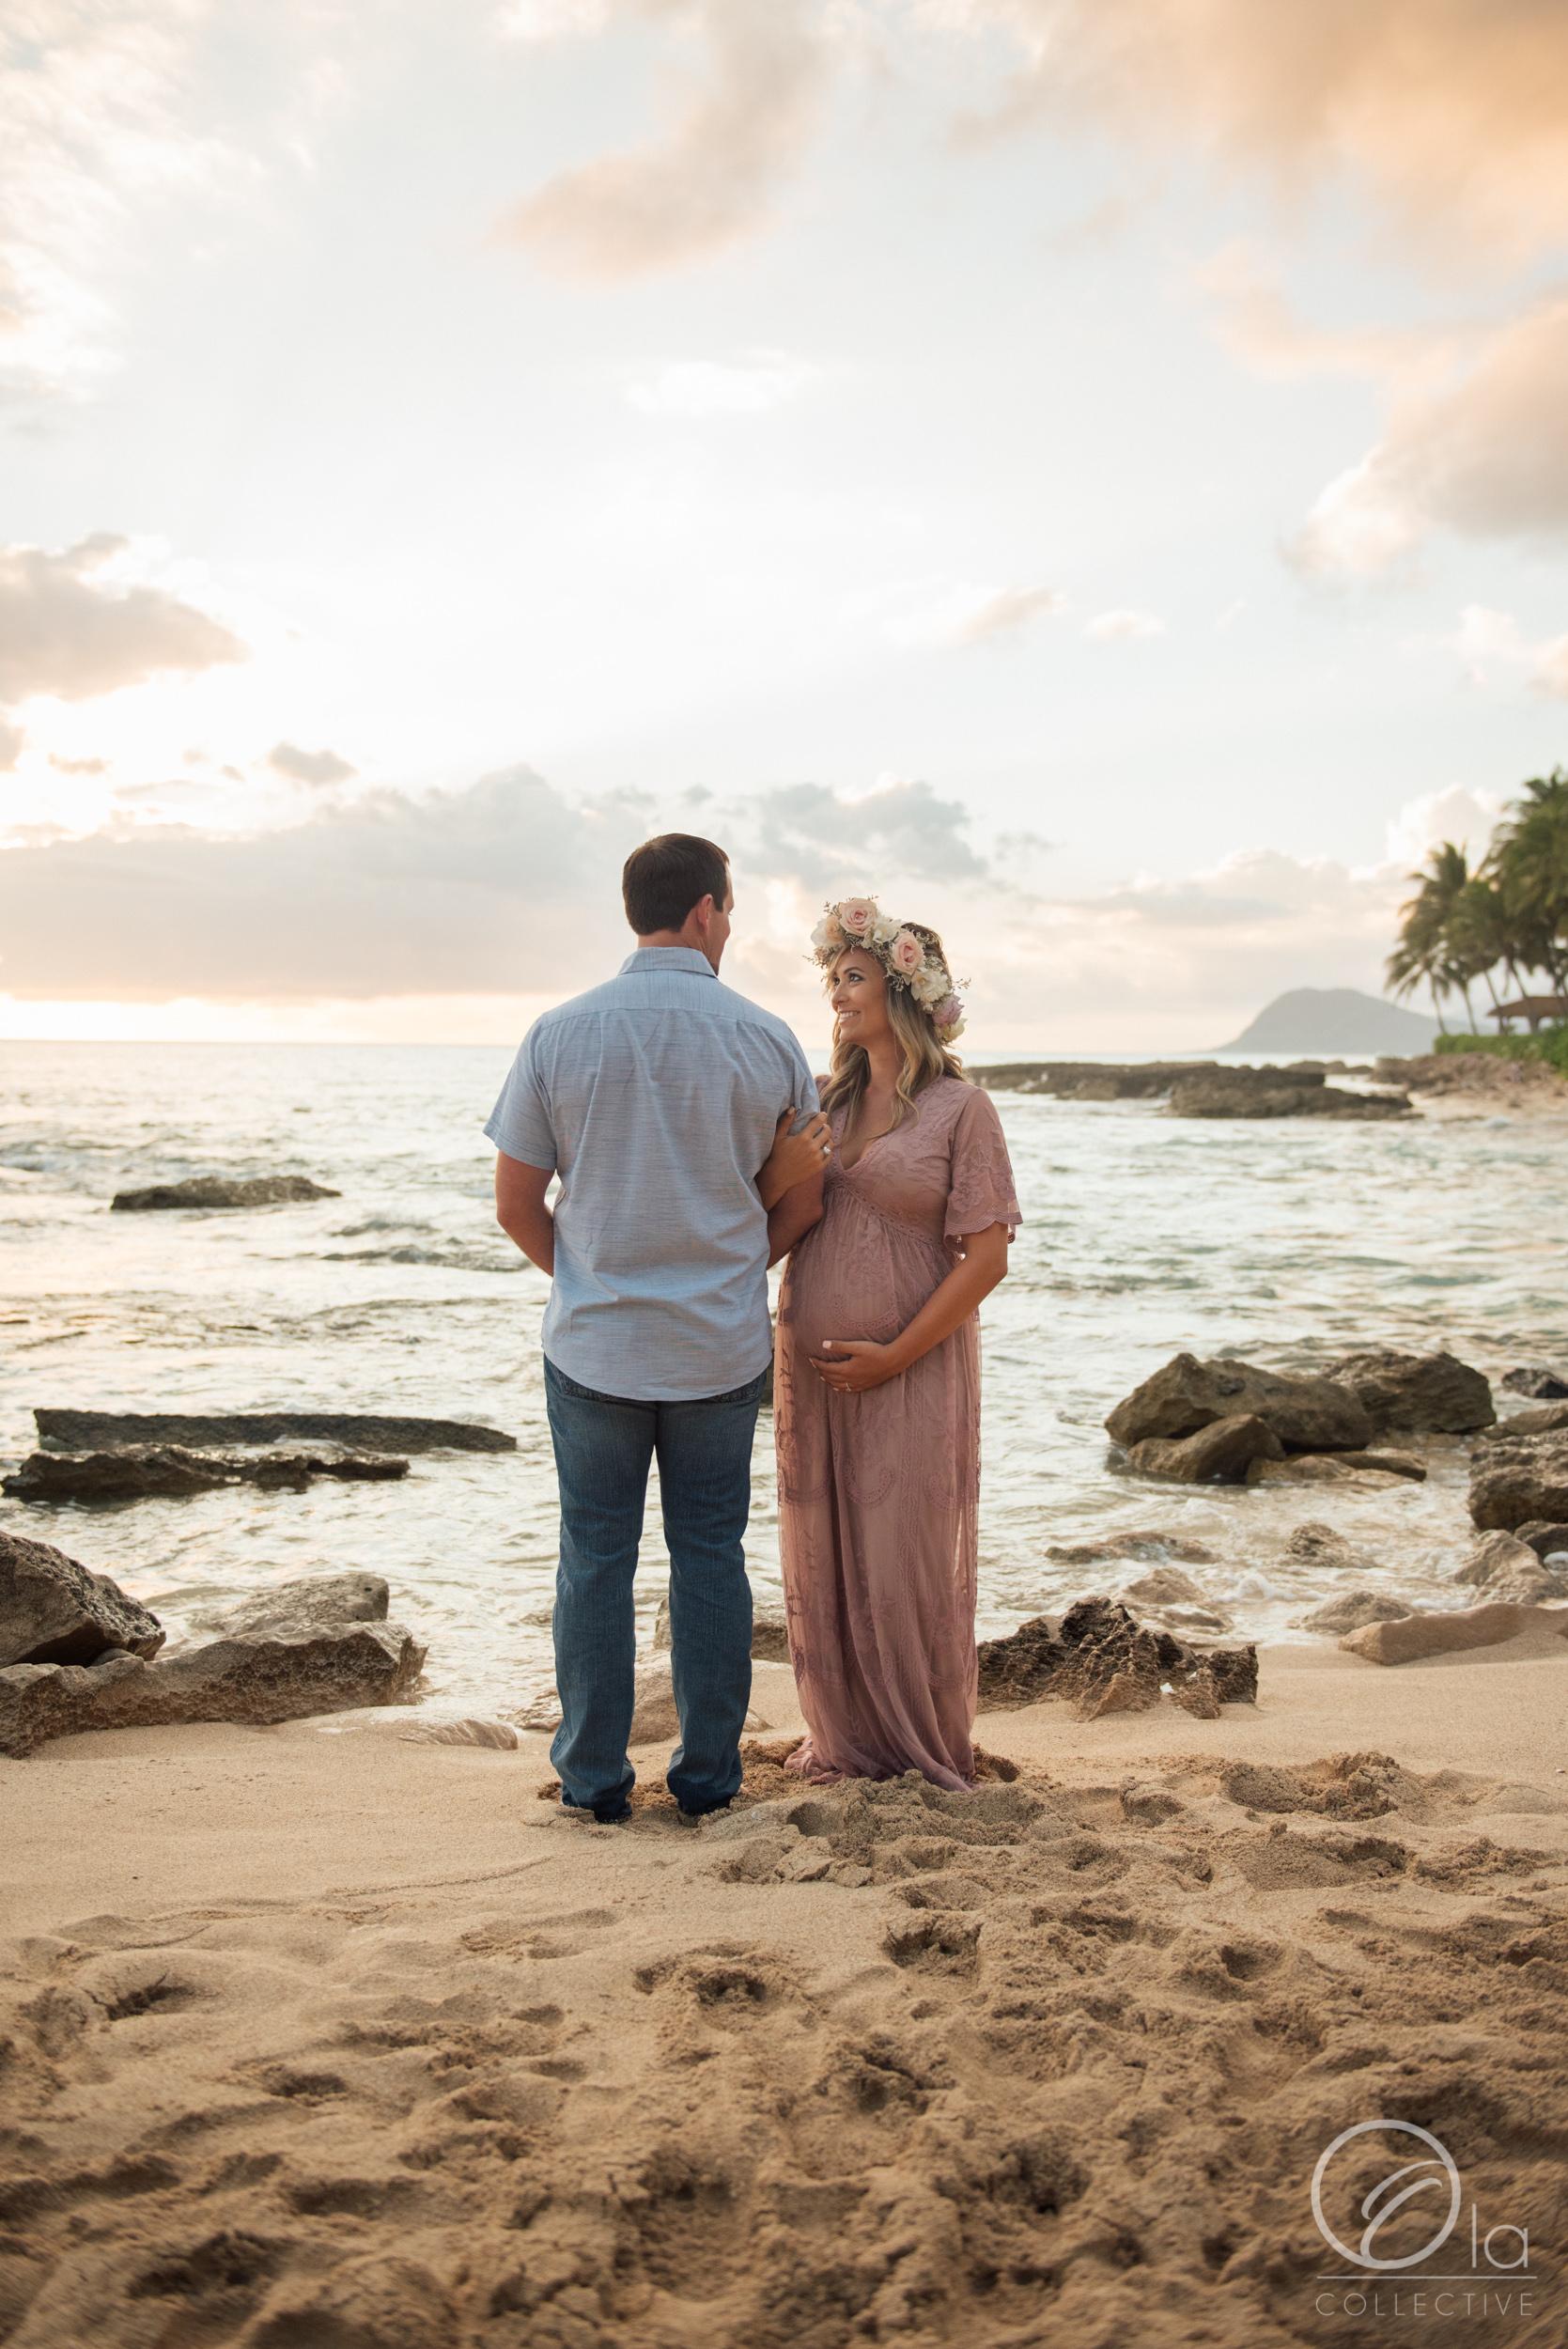 Four-Seasons-Oahu-Maternity-Photographer-Ola-Collective-4.jpg